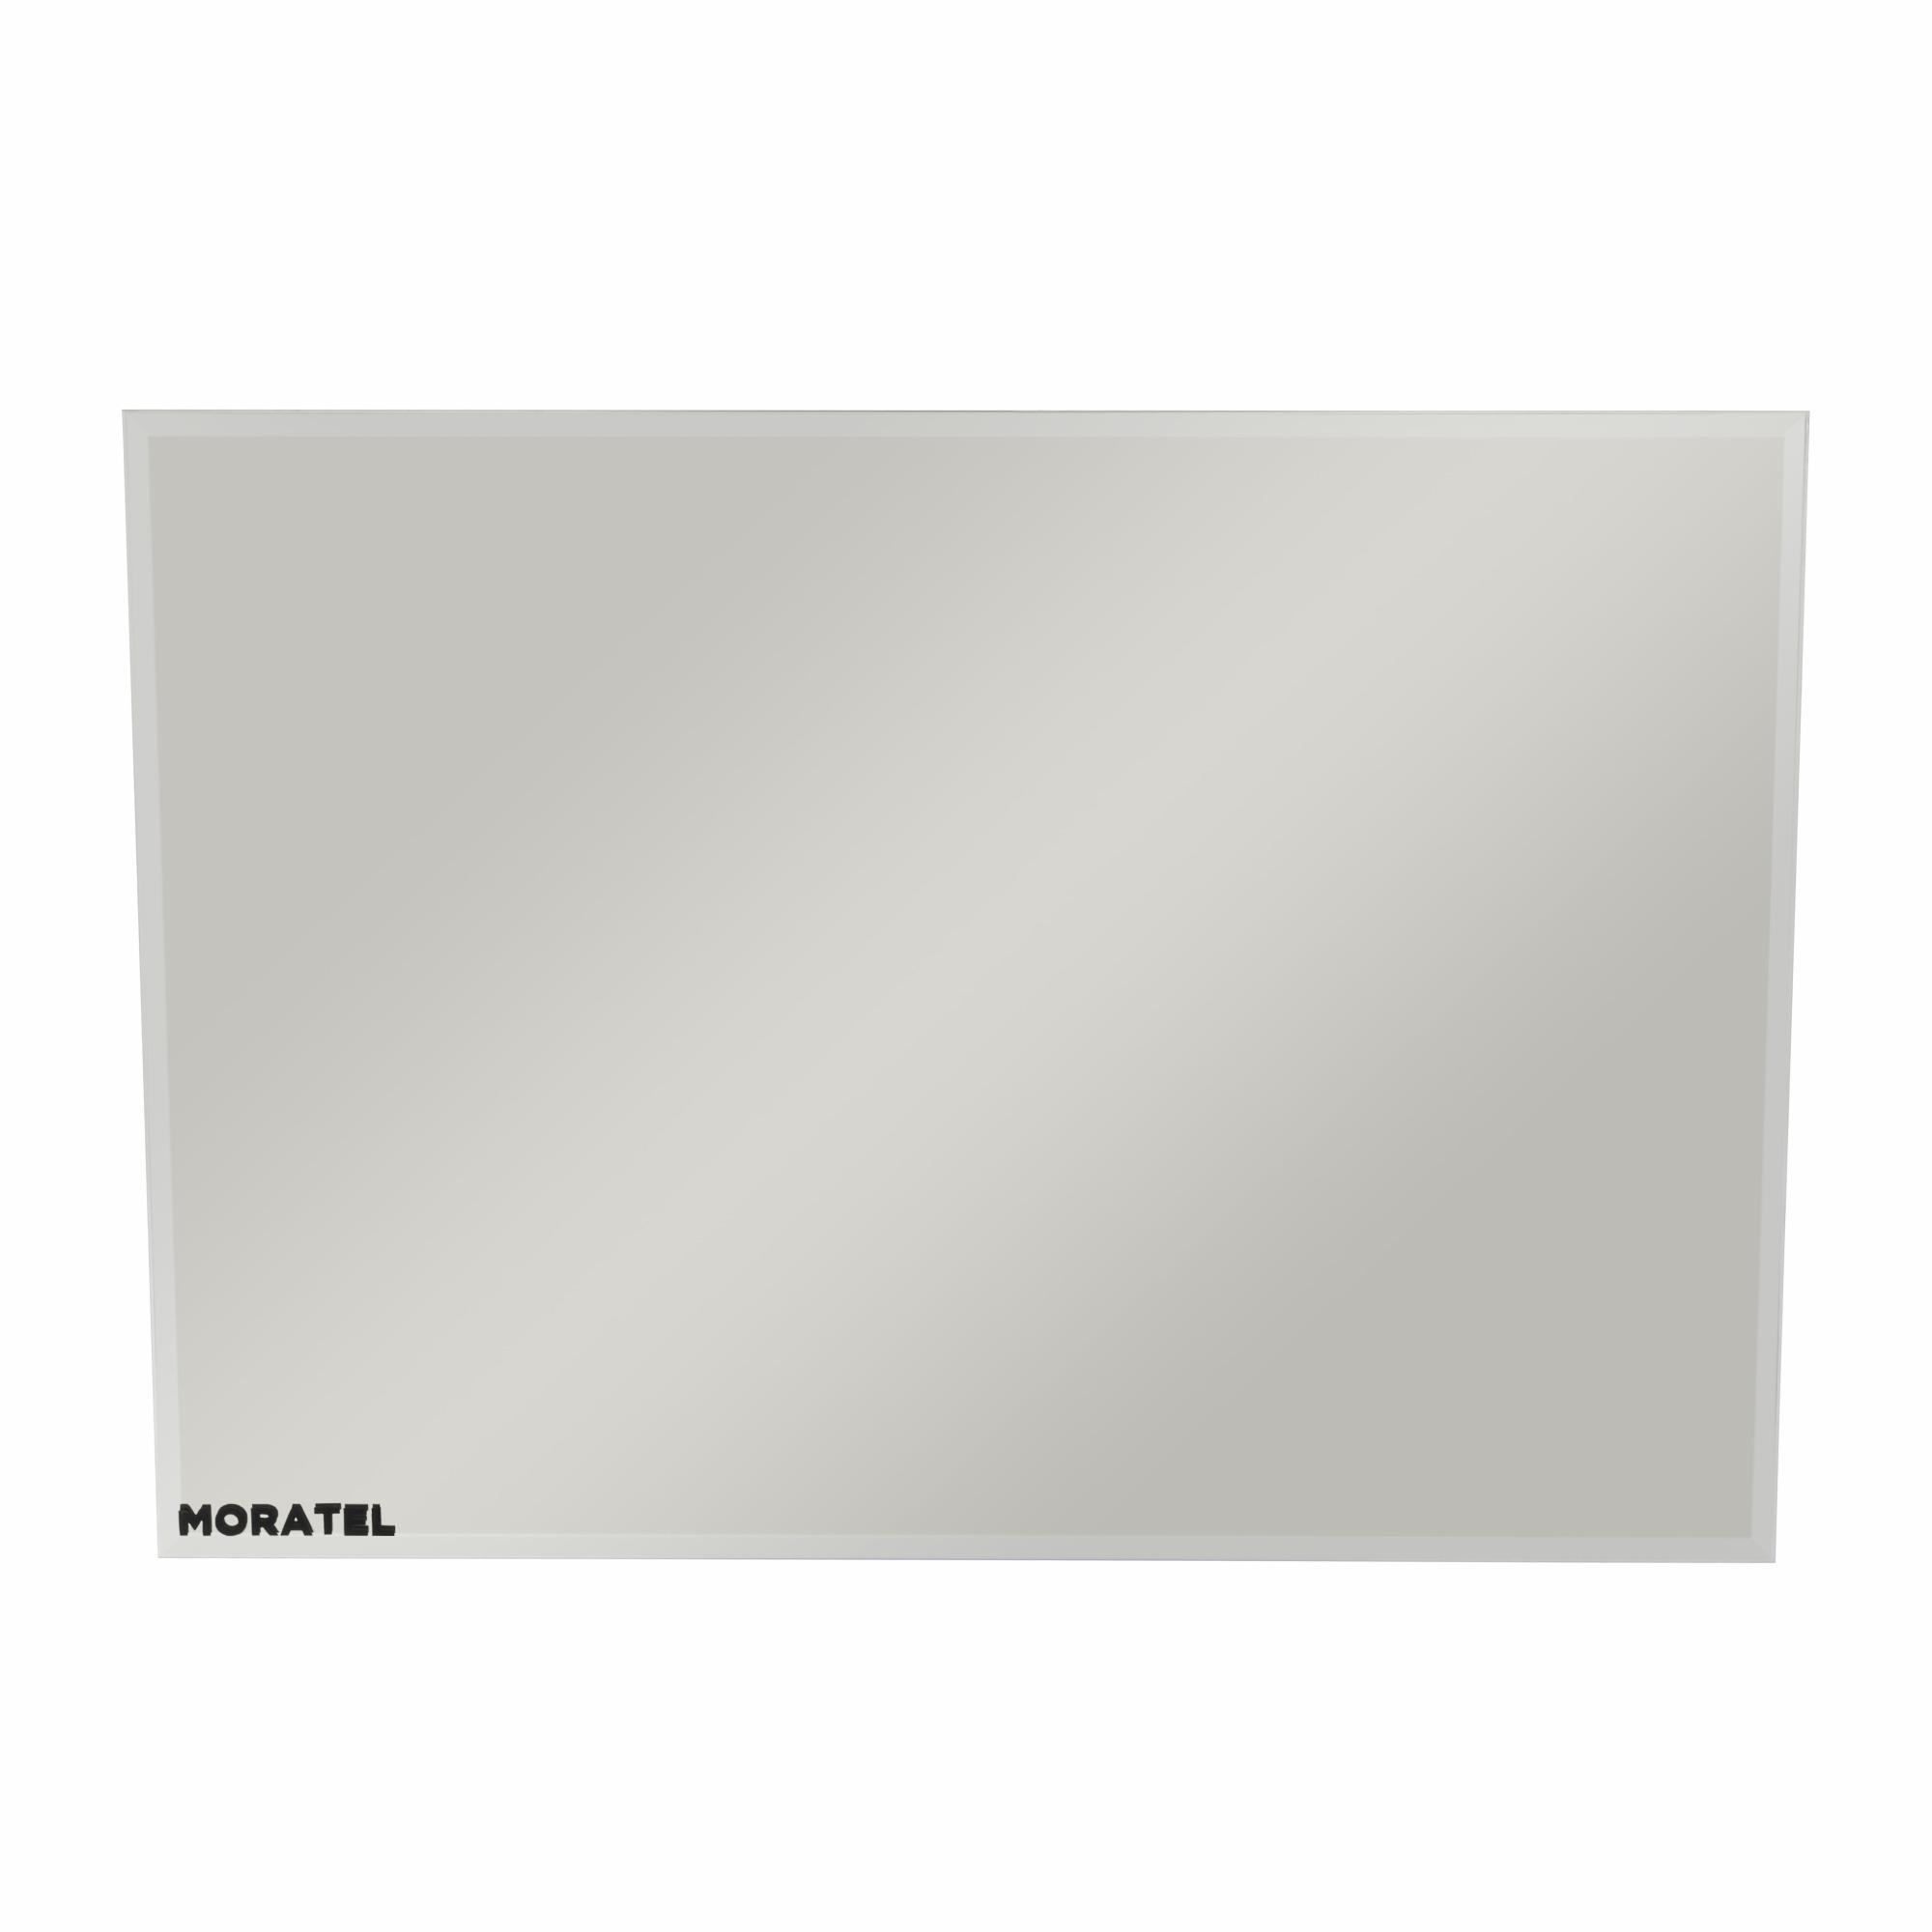 Espelho para Parede Retangular 3mm 55x40 cm - Kanon